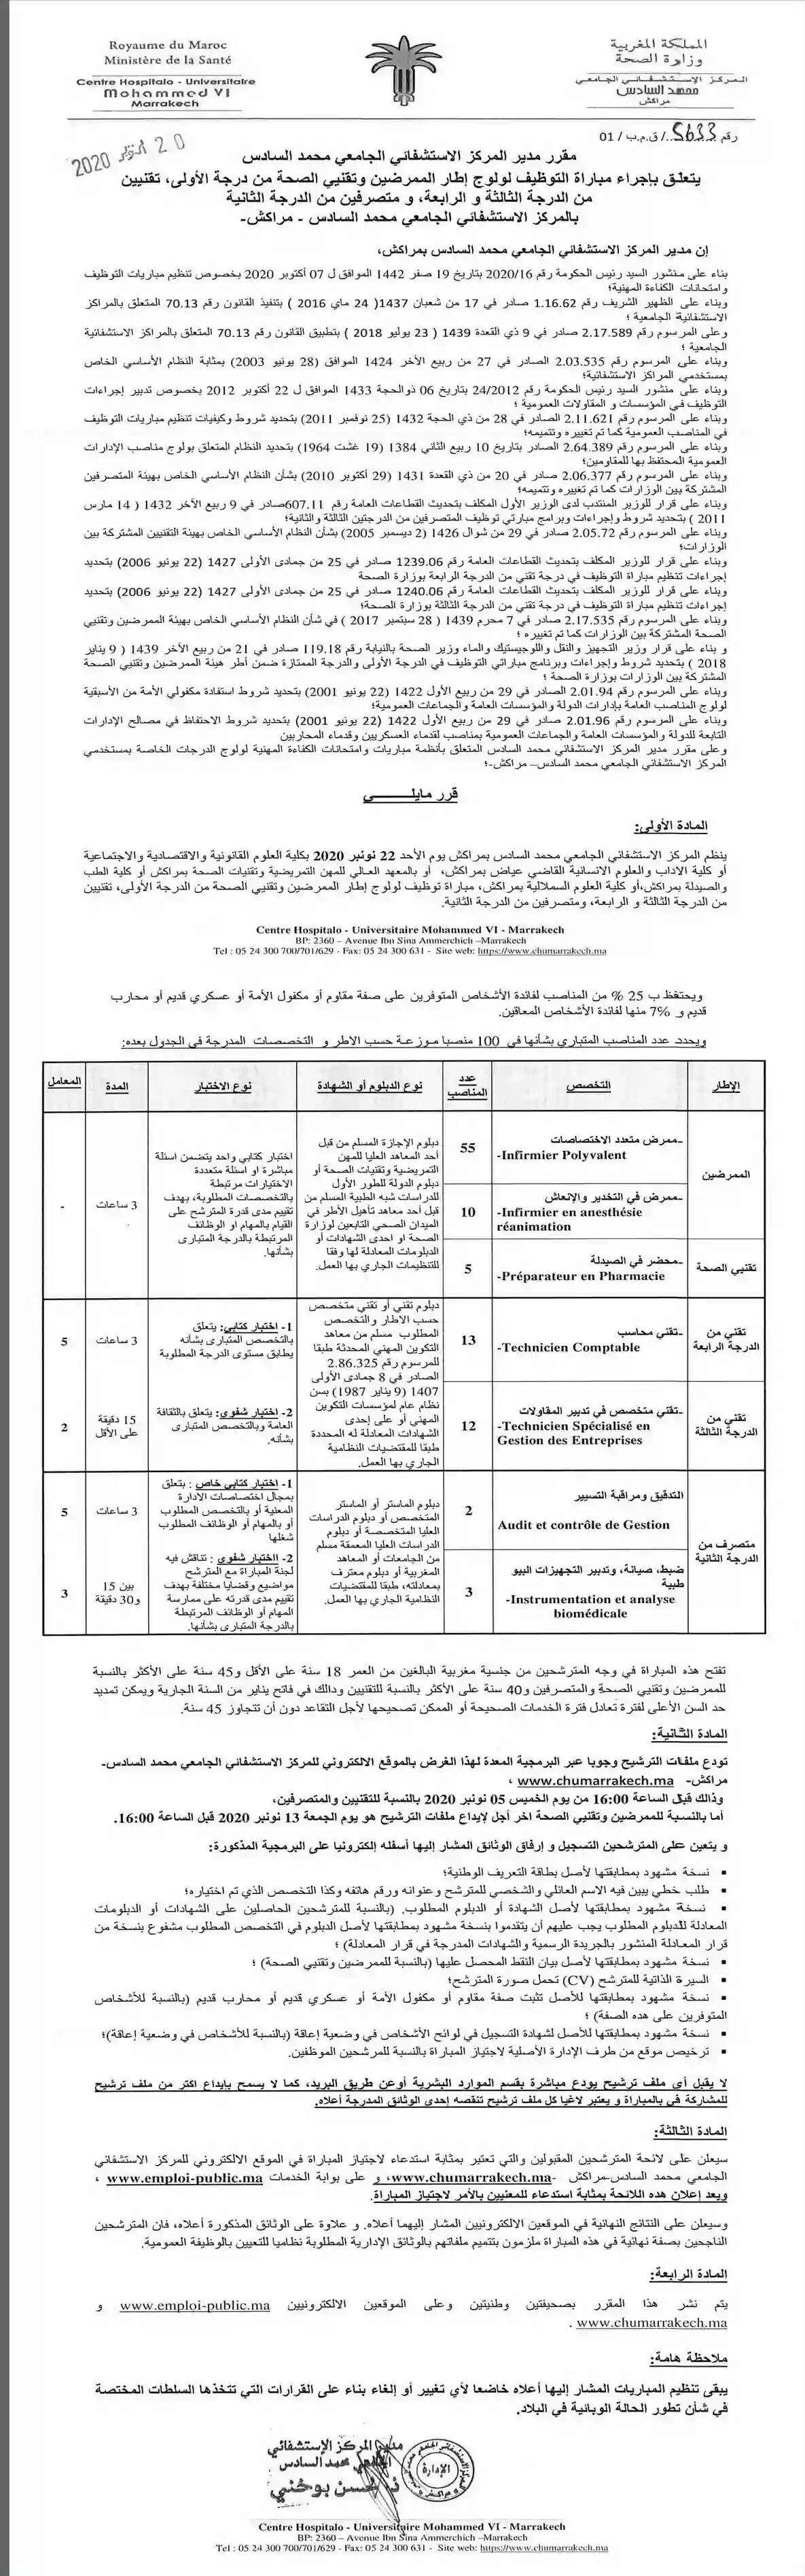 المركز الاستشفائي محمد السادس - مراكش مباراة توظيف 100 منصب في عدة درجات و تخصصات آخر أجل 5 و13 نونبر 2020 Aoo_oi15